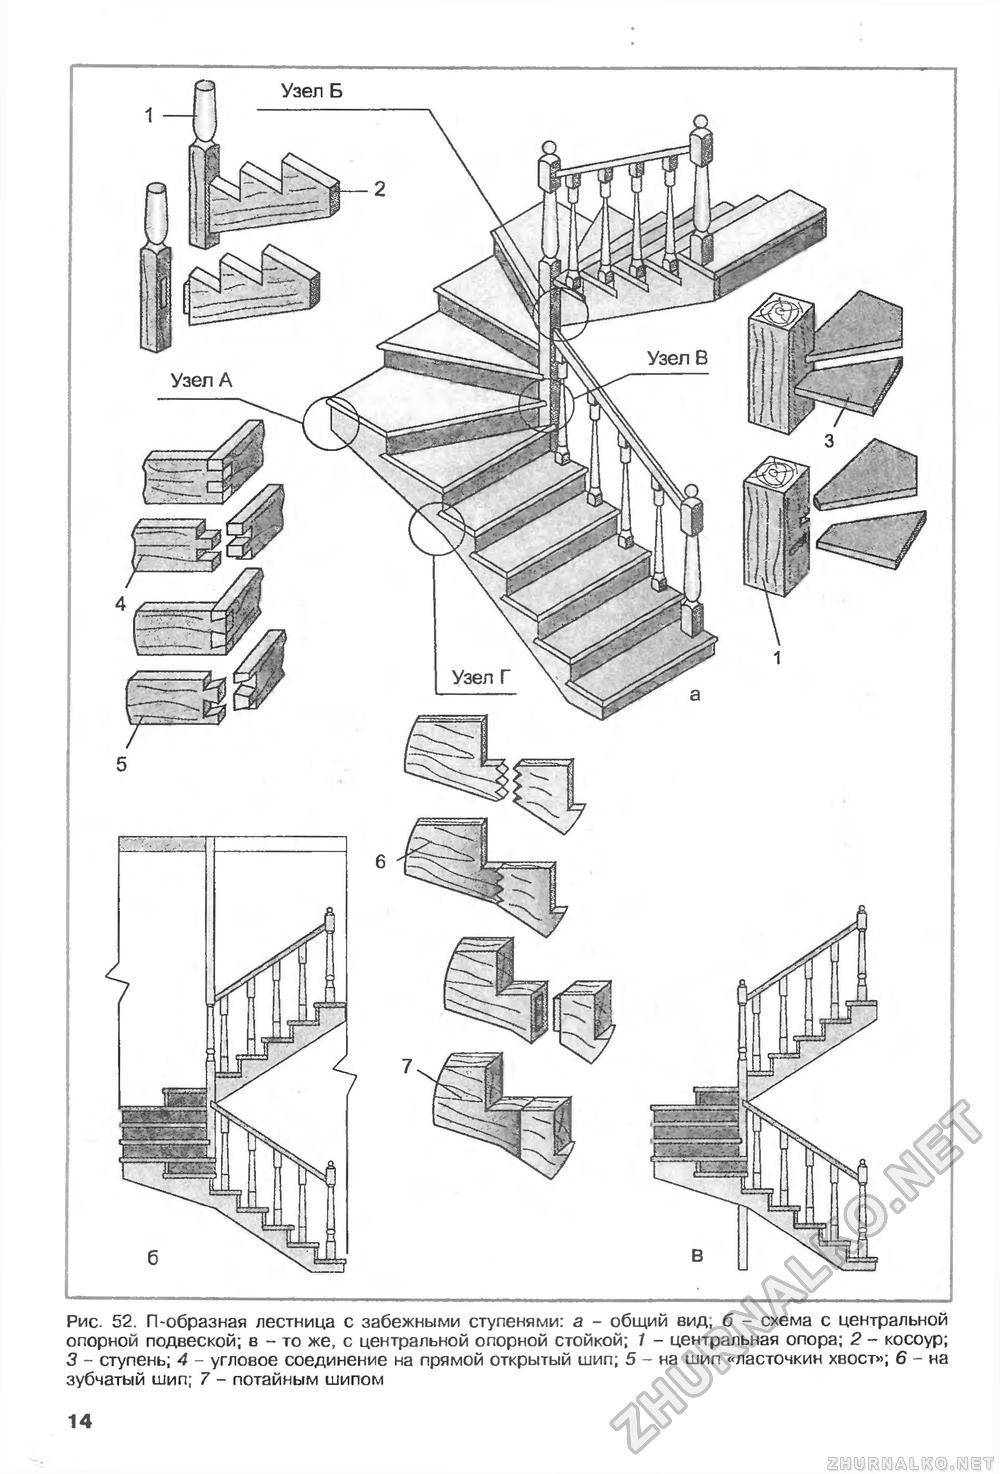 Г-образная лестница на второй этаж (47 фото расчет) 11